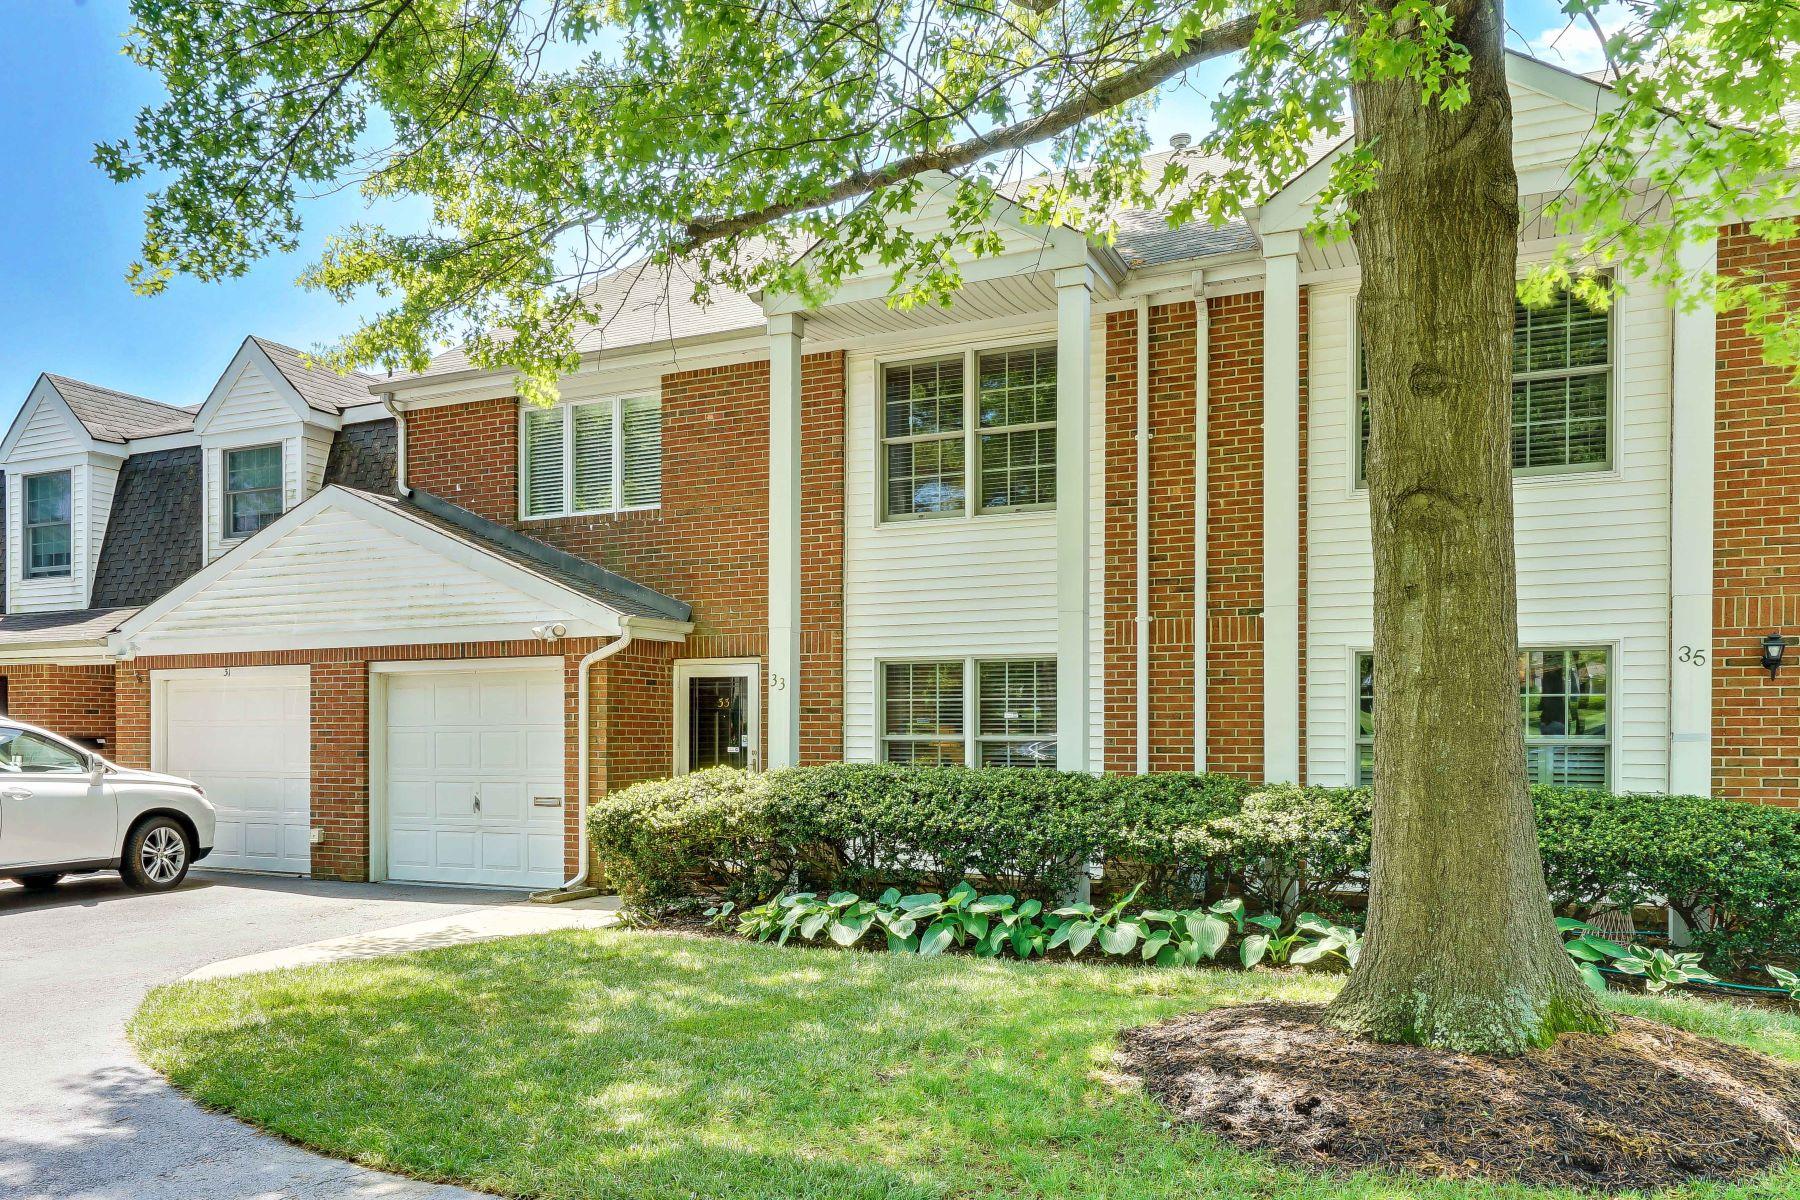 Частный односемейный дом для того Продажа на Inviting Seaview Model 33 Maple Drive, Spring Lake Heights, Нью-Джерси 07762 Соединенные Штаты